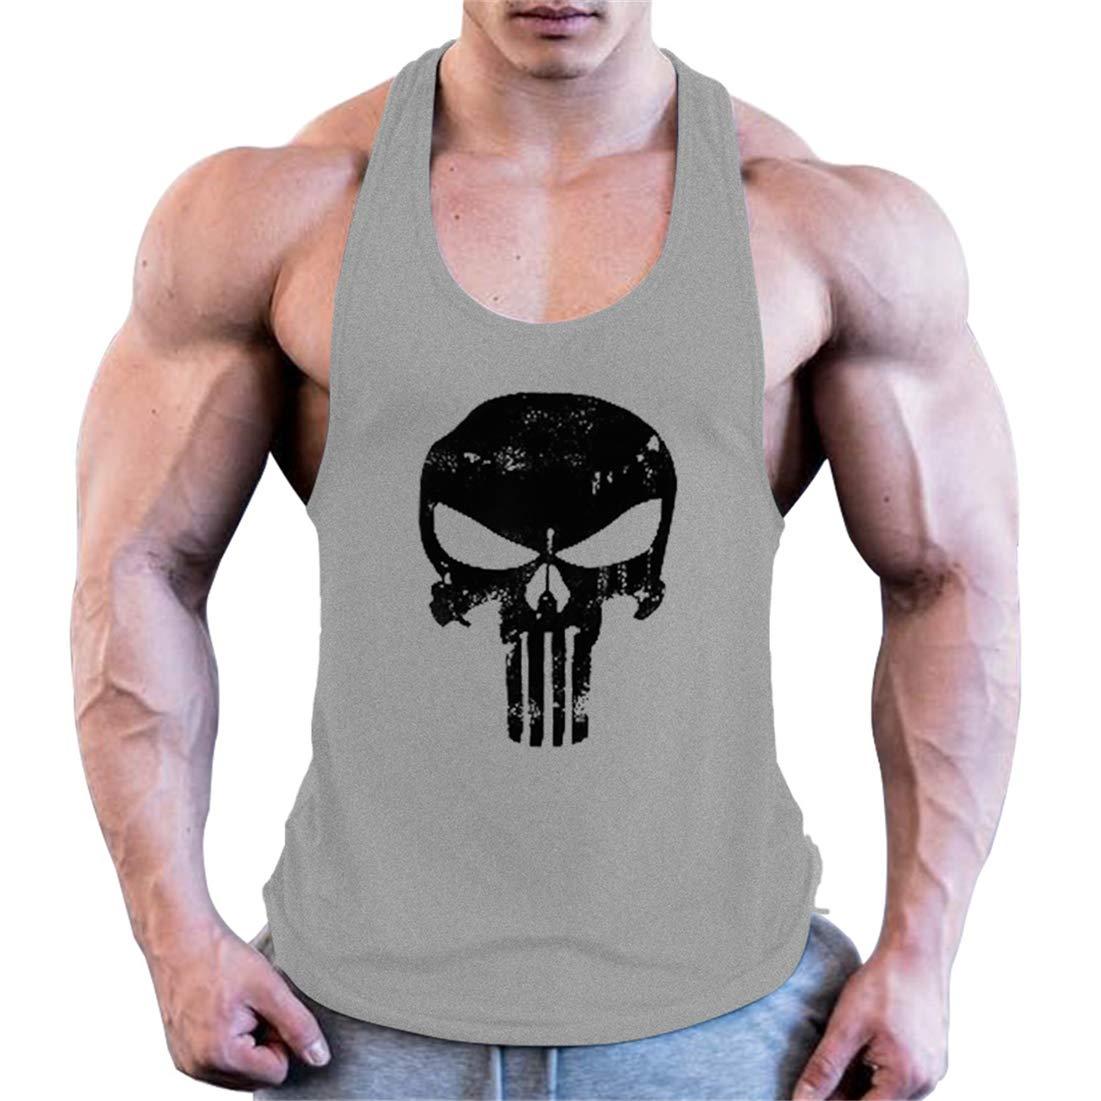 COWBI Camisa Camiseta Hombre Tirantes Culturismo Fitness Deportiva,Ropa Deporte Masculina para Entrenar Gym algod/ón